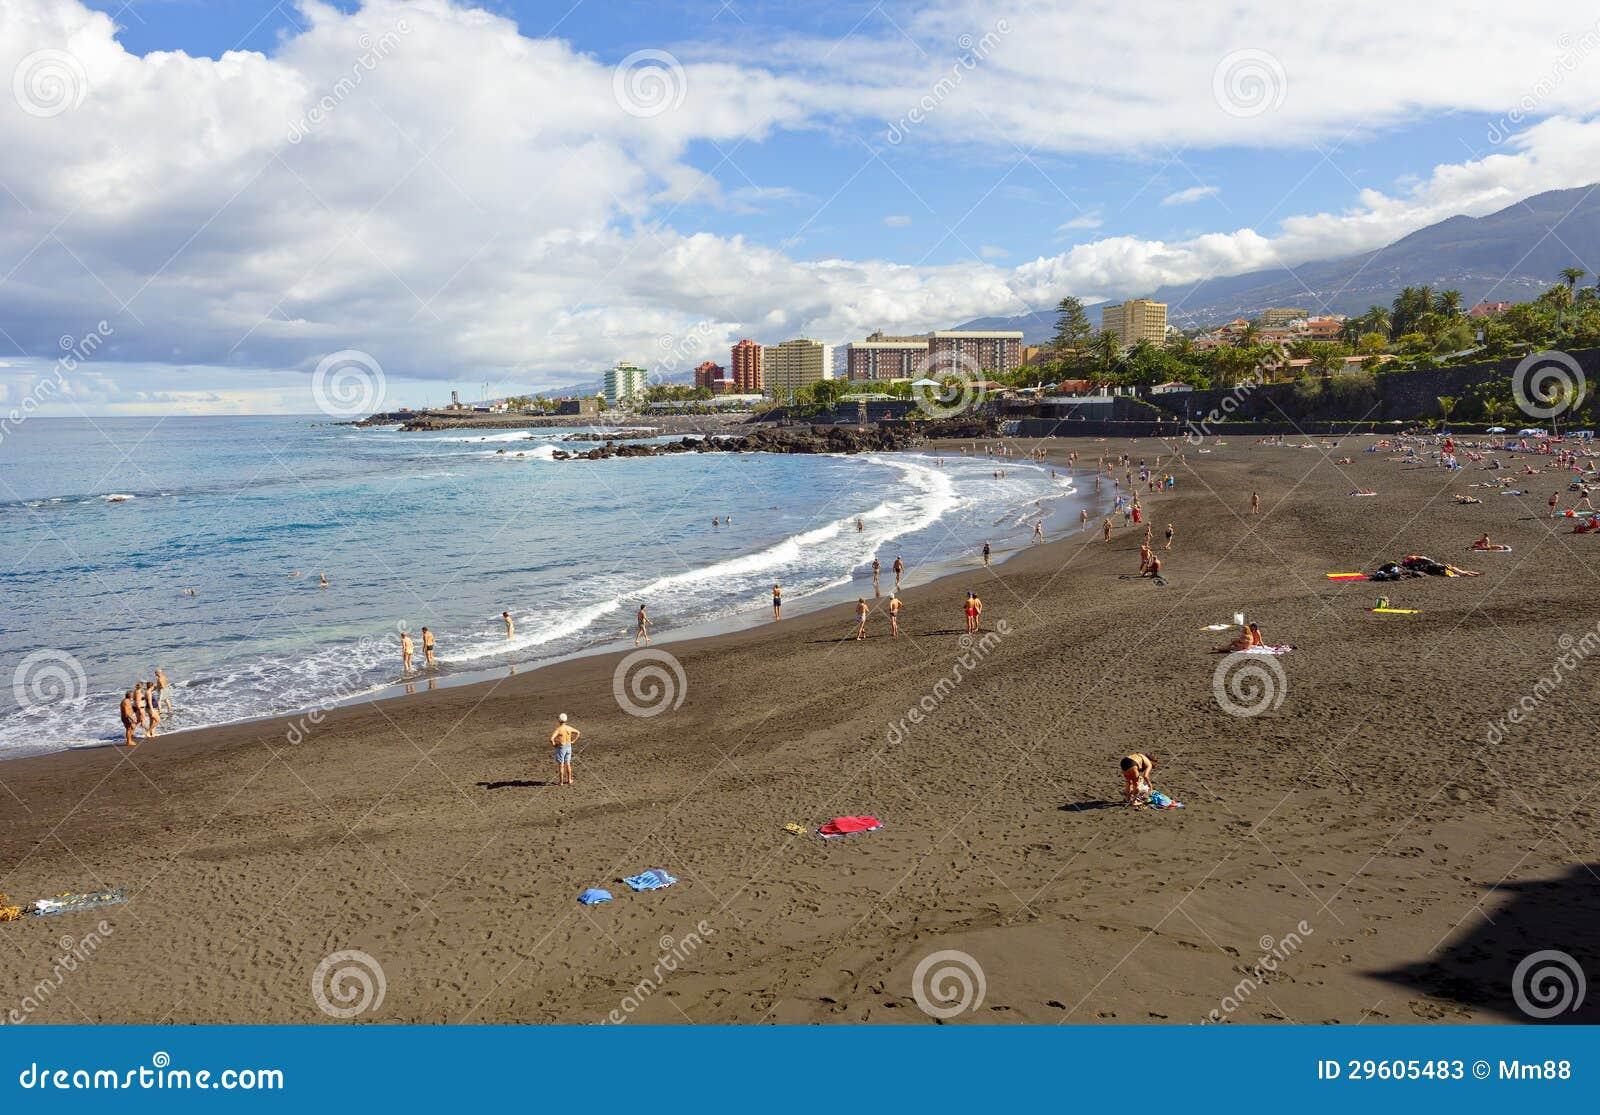 Playa de jardin stock photos image 29605483 for Aparthotel jardin de playa